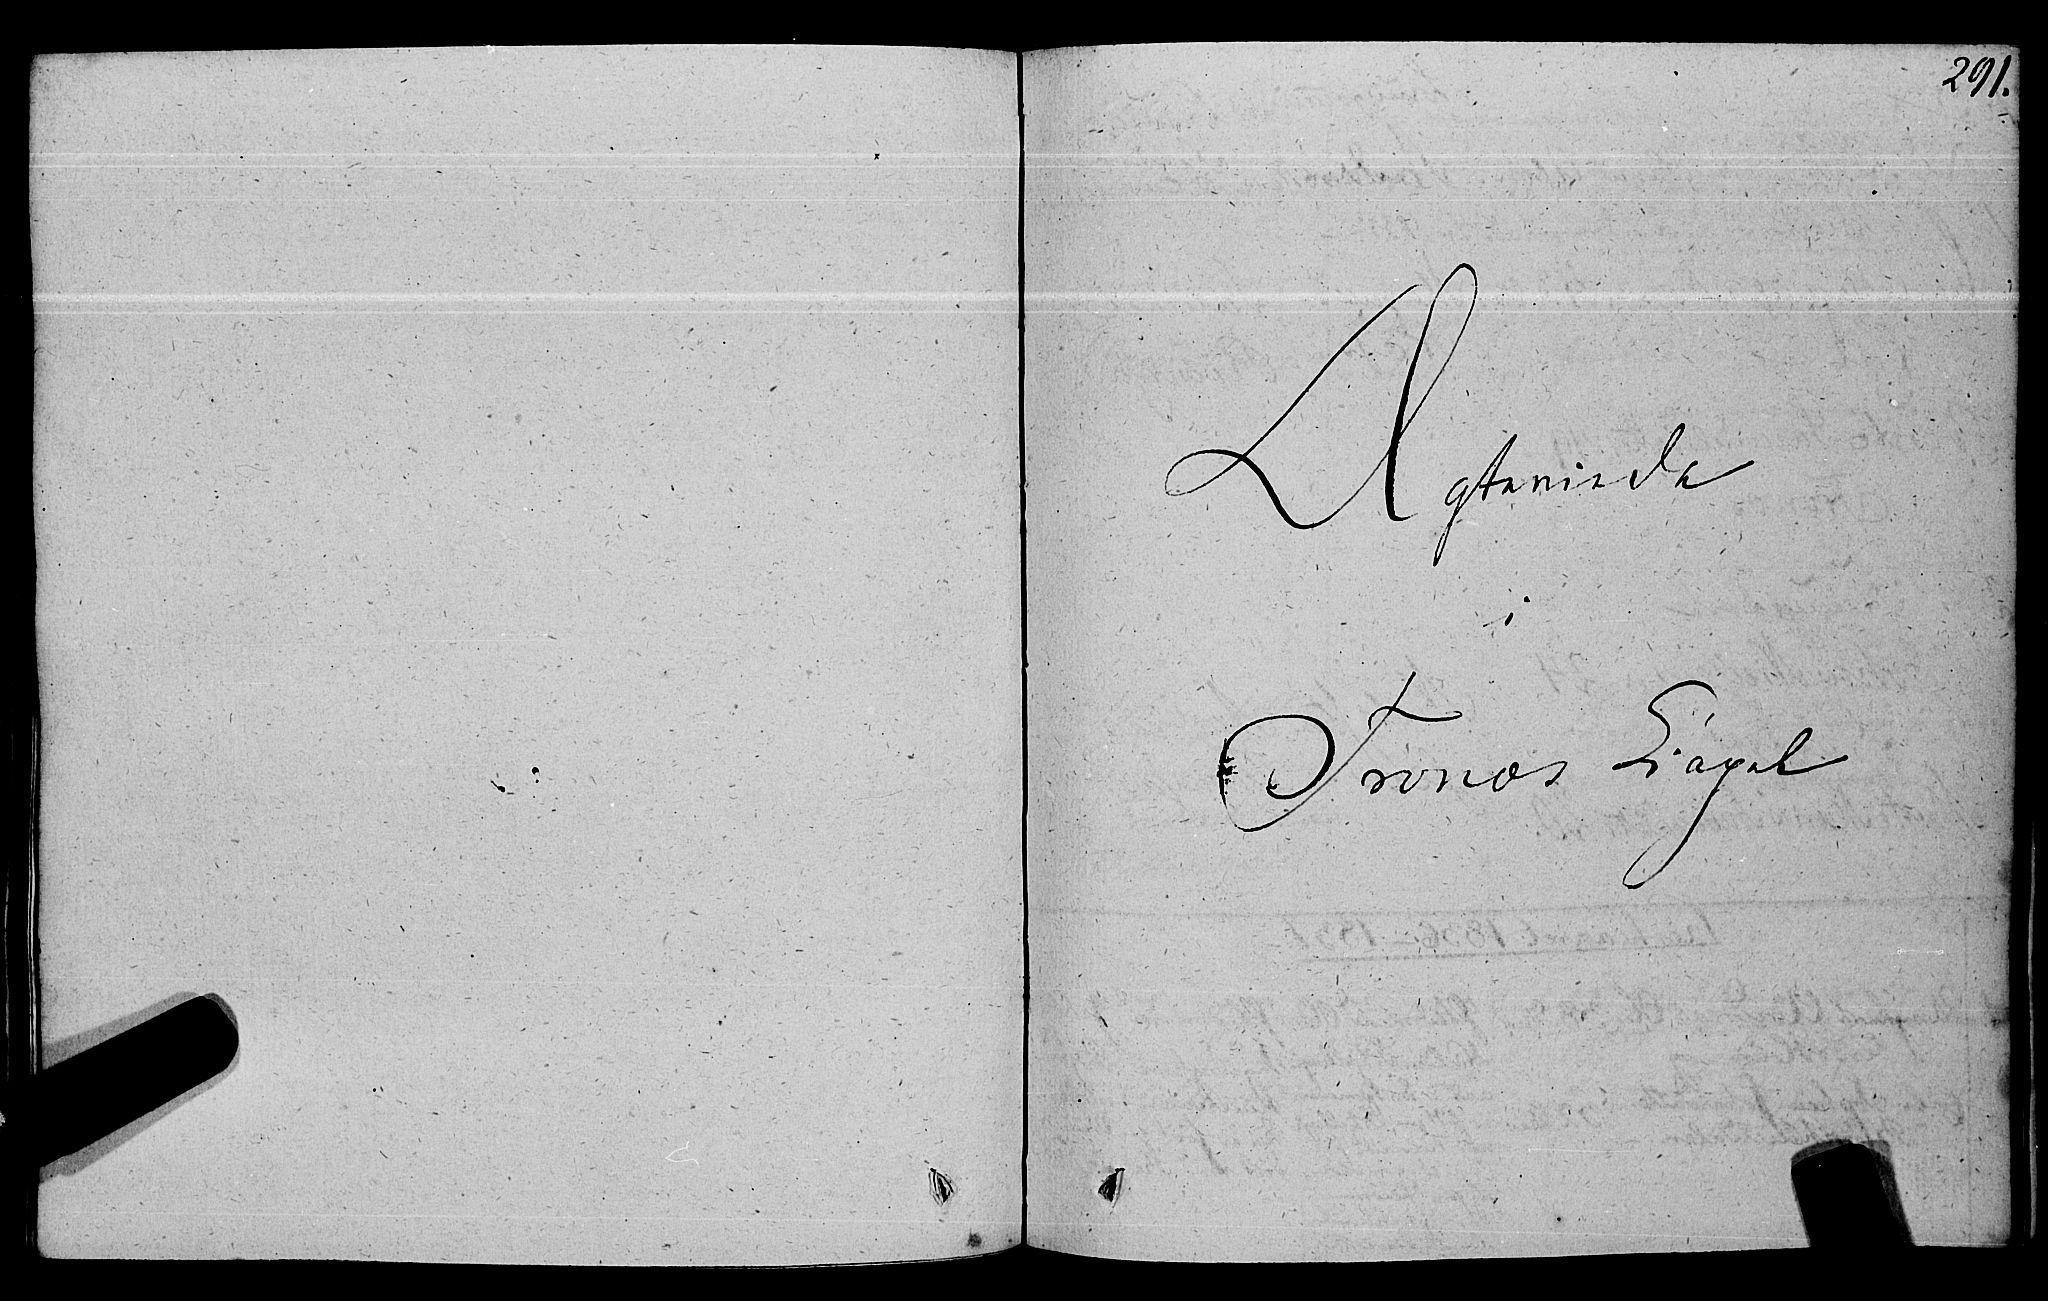 SAT, Ministerialprotokoller, klokkerbøker og fødselsregistre - Nord-Trøndelag, 762/L0538: Ministerialbok nr. 762A02 /2, 1833-1879, s. 291